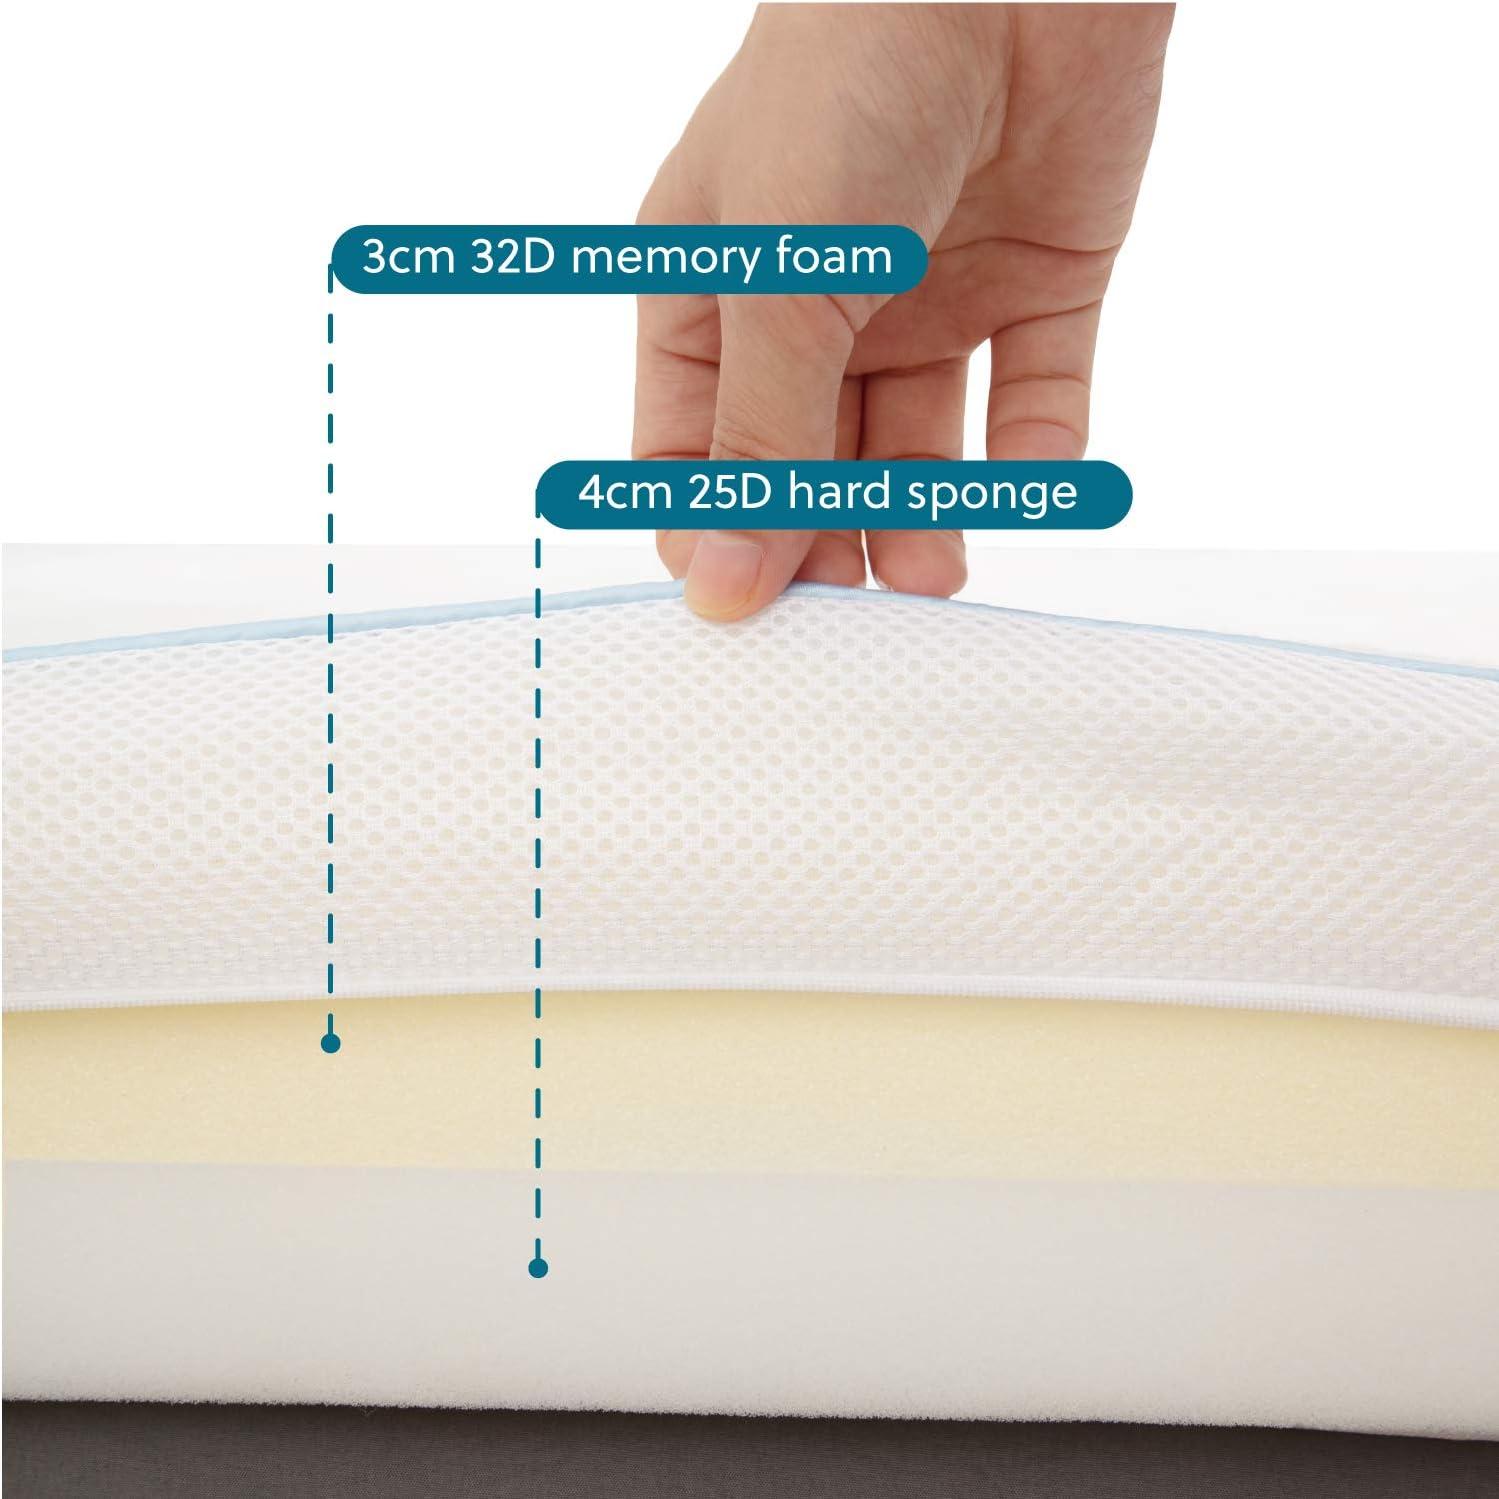 sur Matelas 160x200 cm pour Adulte Ergonomique de 7cm Blanc Respirant et Ferme avec Housse Amovible et Lavable Bedsure Surmatelas 160 x 200 cm Memoire de Forme